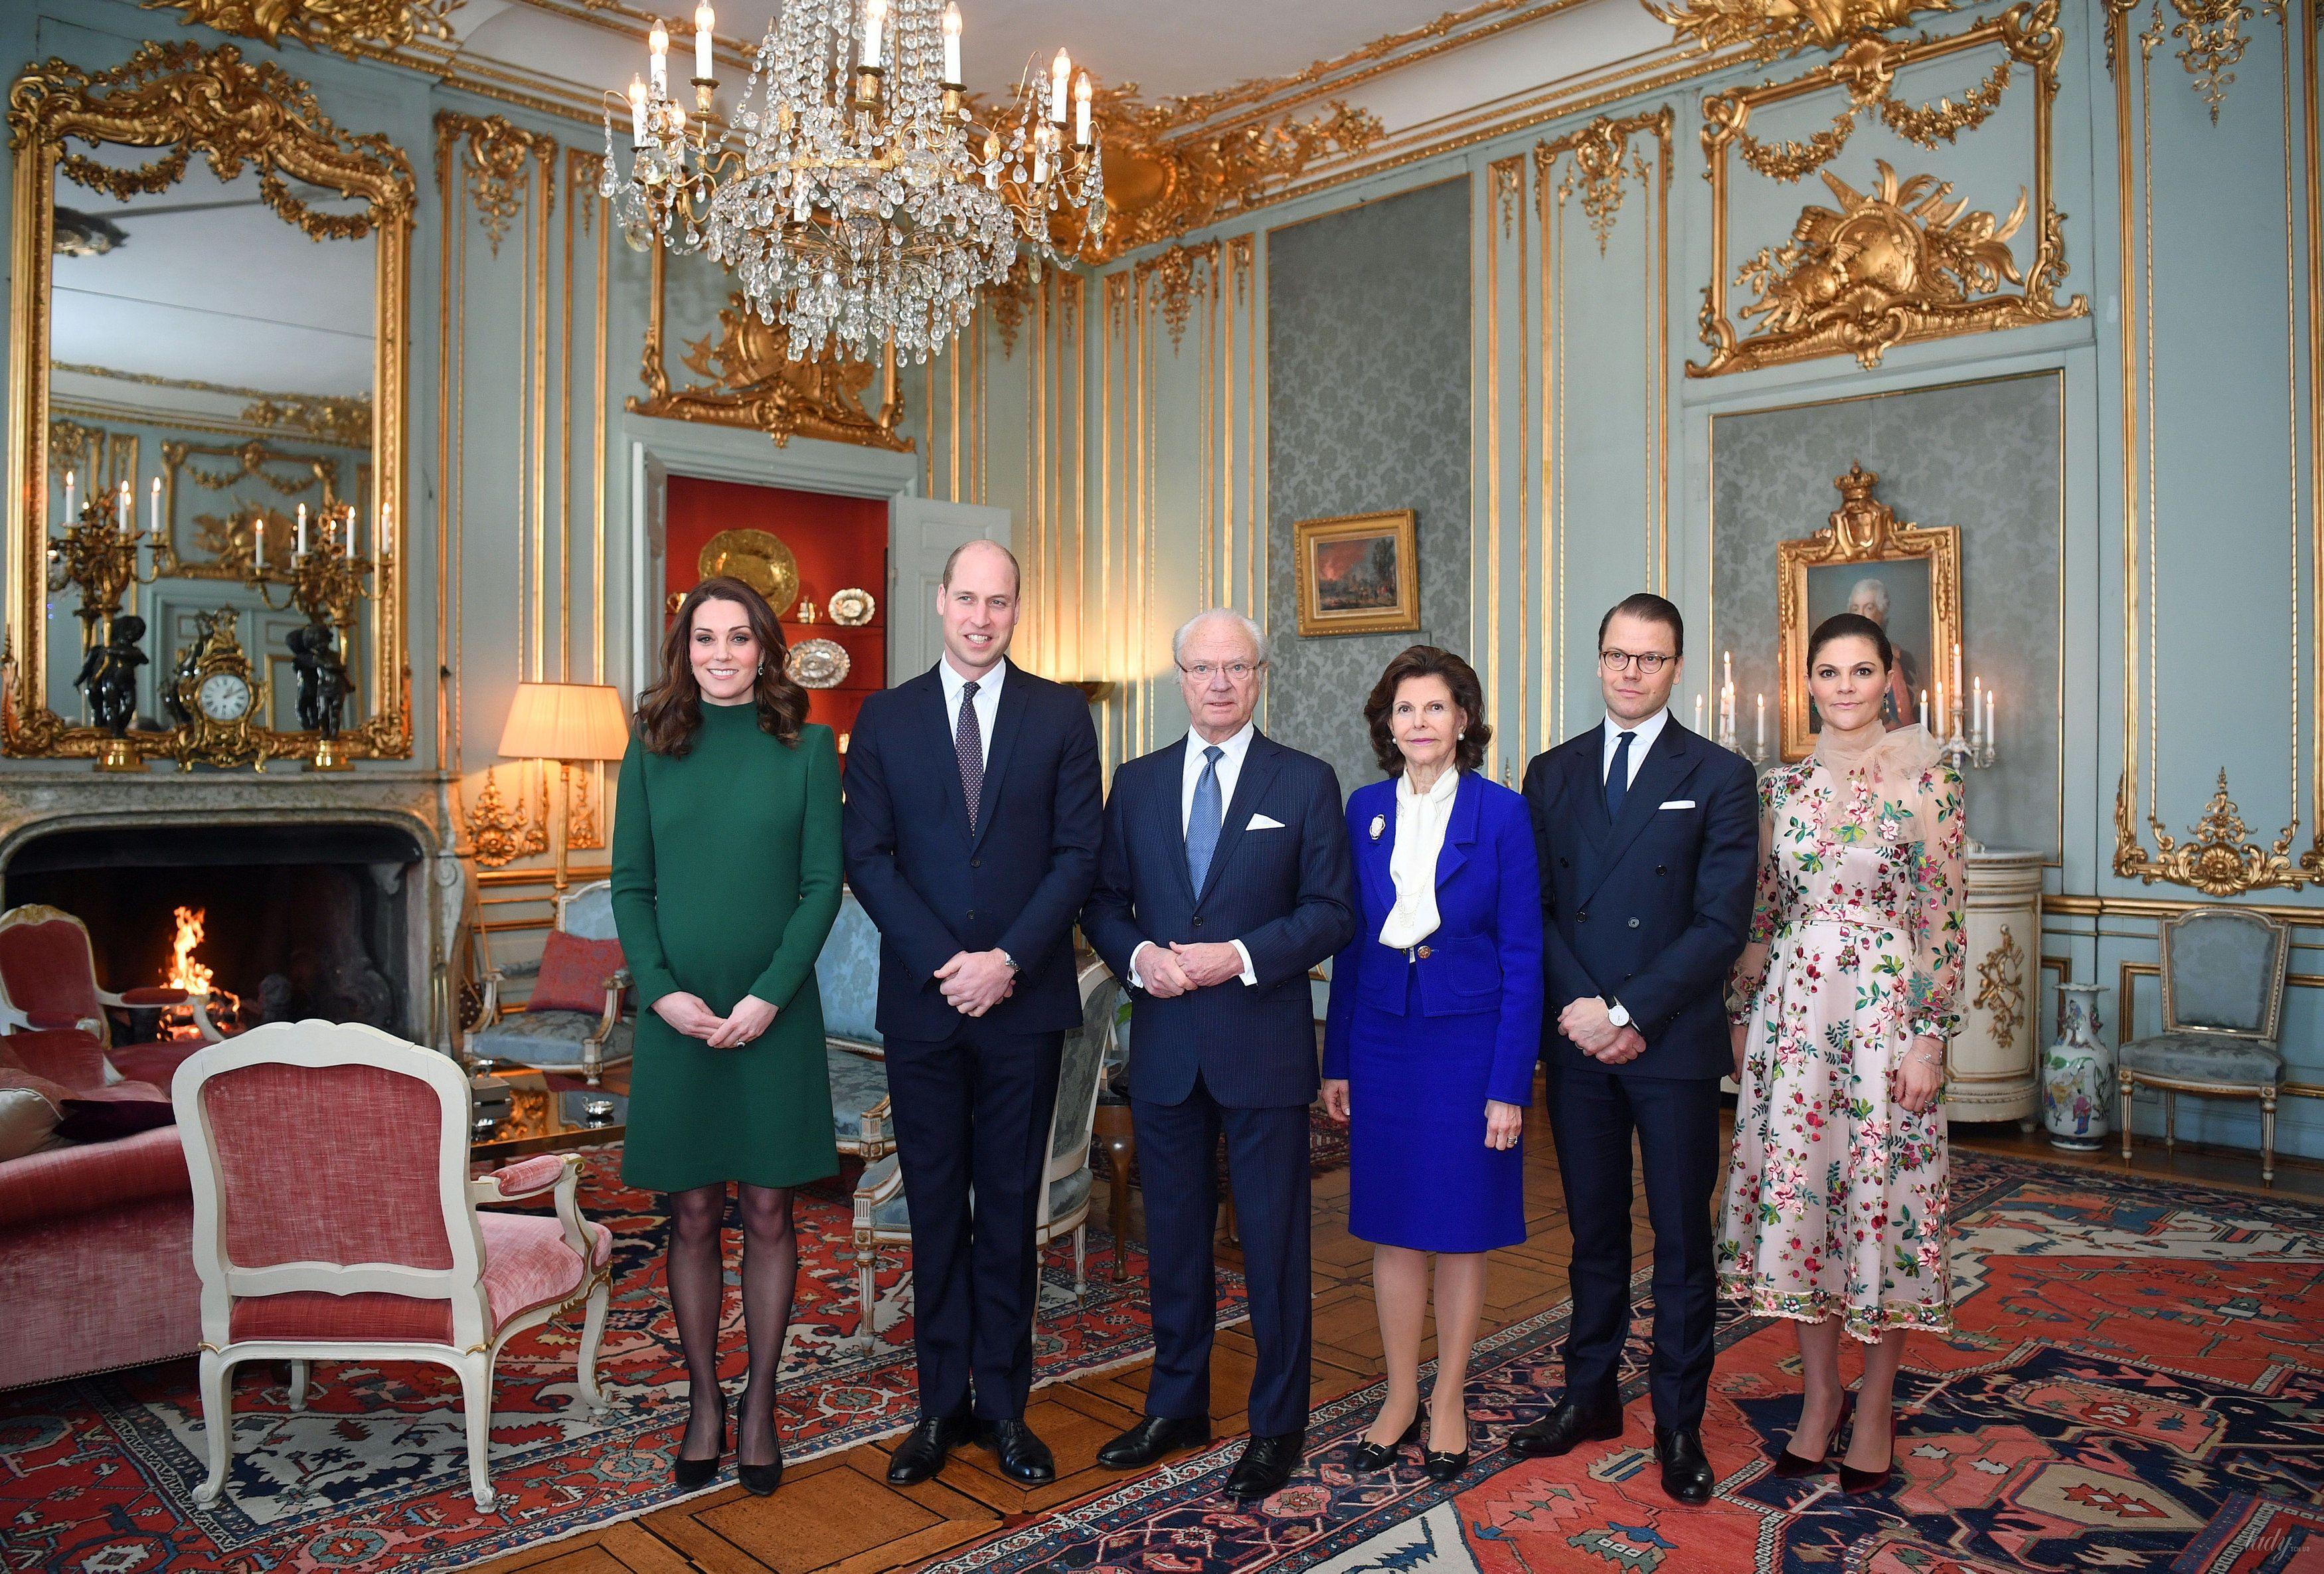 Герцог и герцогиня Кембриджские в гостях у шведской королевской семьи